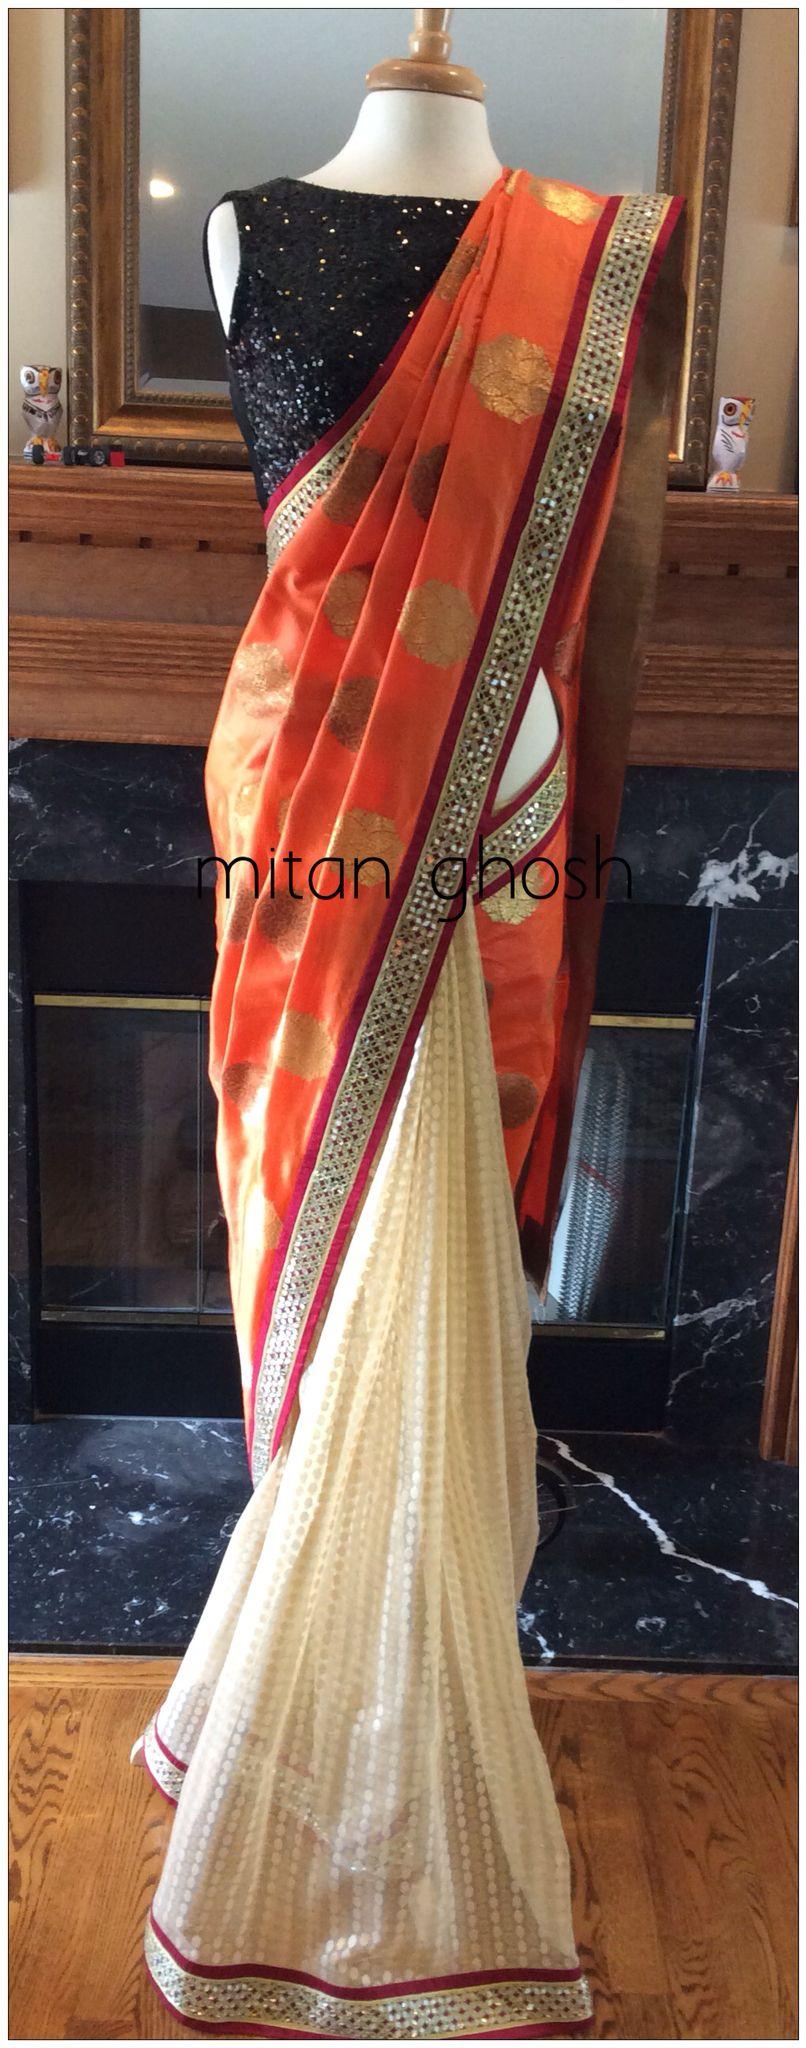 Banarasi Saree with mirror border | Simple sarees